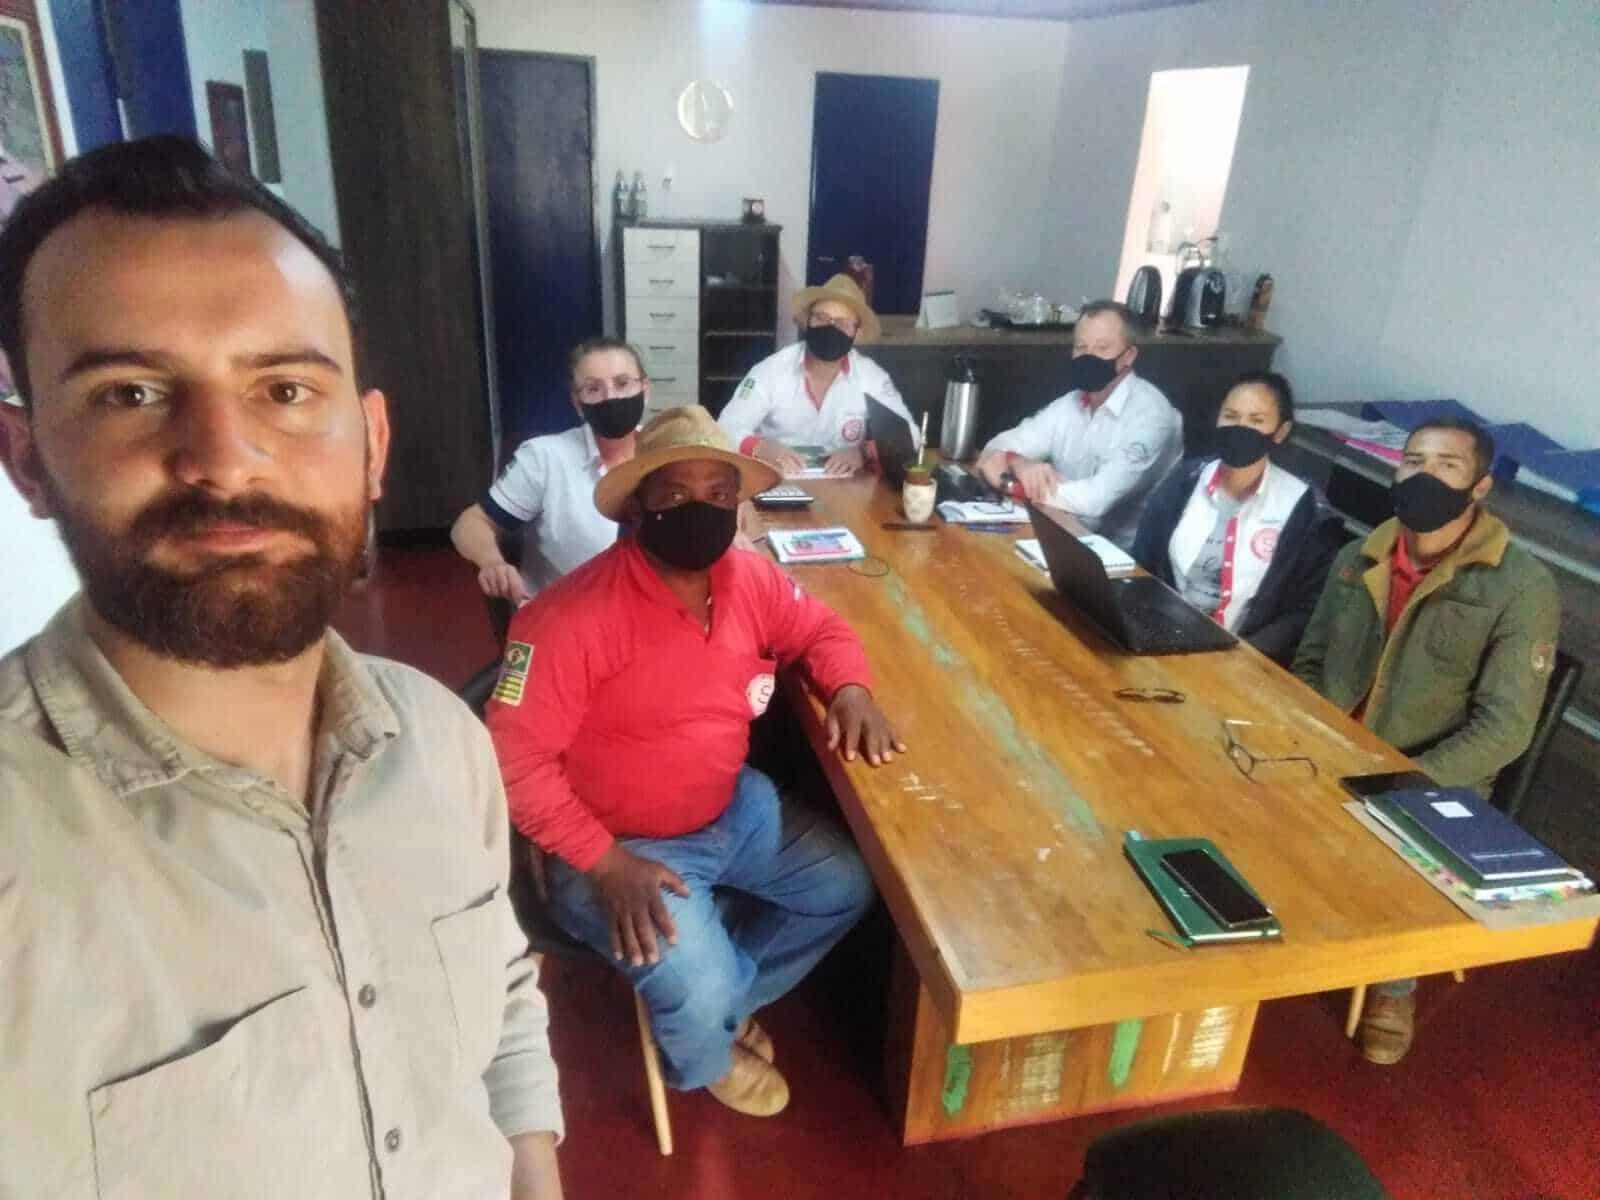 O consultor de controladoria e gestão financeira George Vital e a equipe da fazenda Schangri-lá. George está de pé e restante da equipe está sentado em volta de uma mesa de madeira.